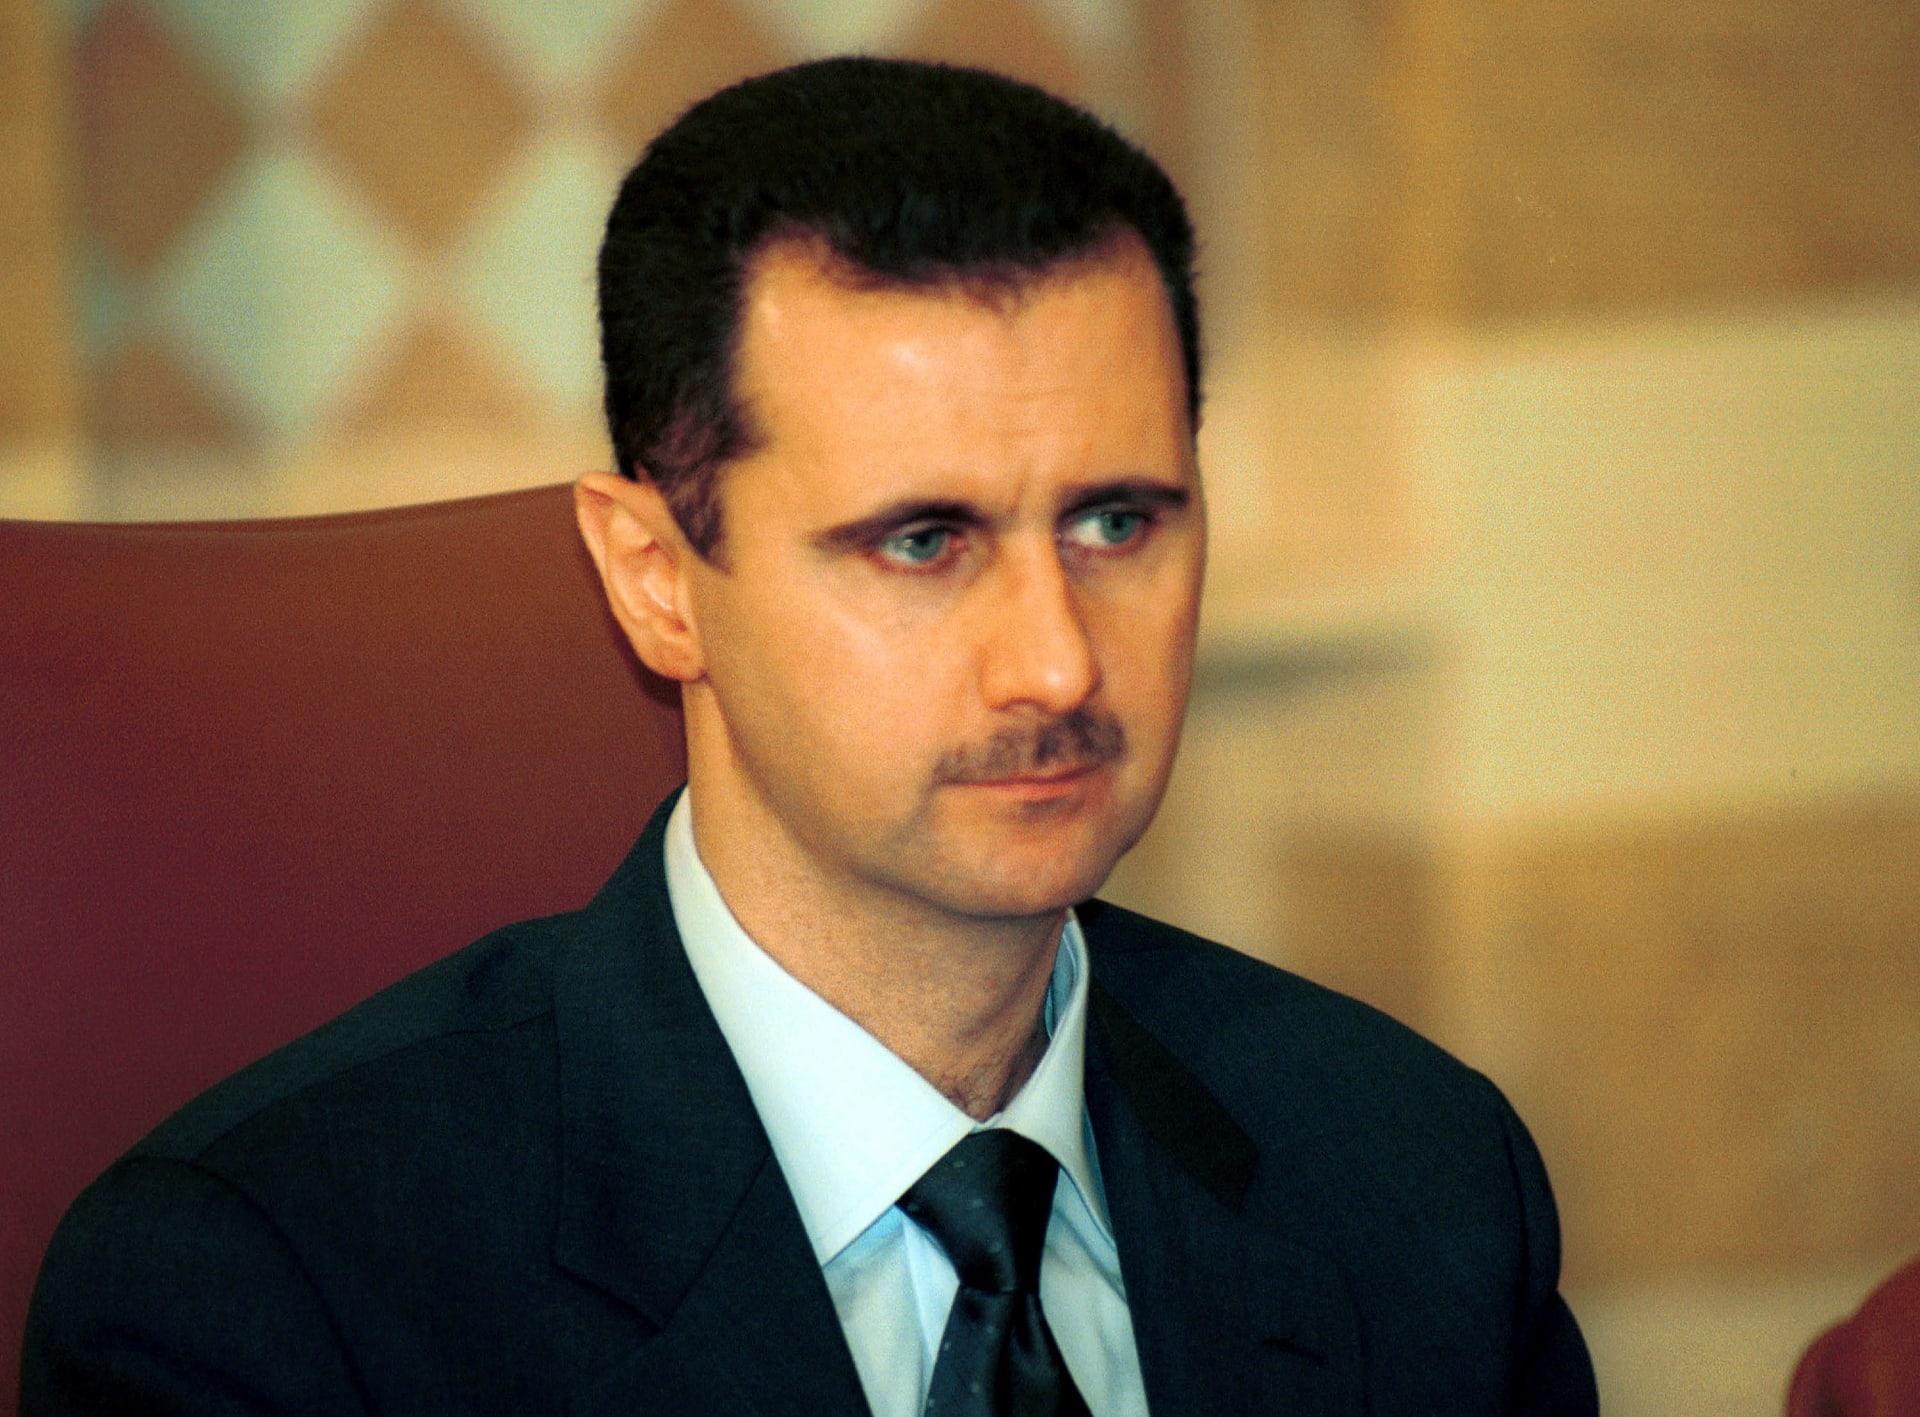 خالد بن سلمان عن ضربة سوريا: رسالة مهمة للأسد وإيران وميليشياتها